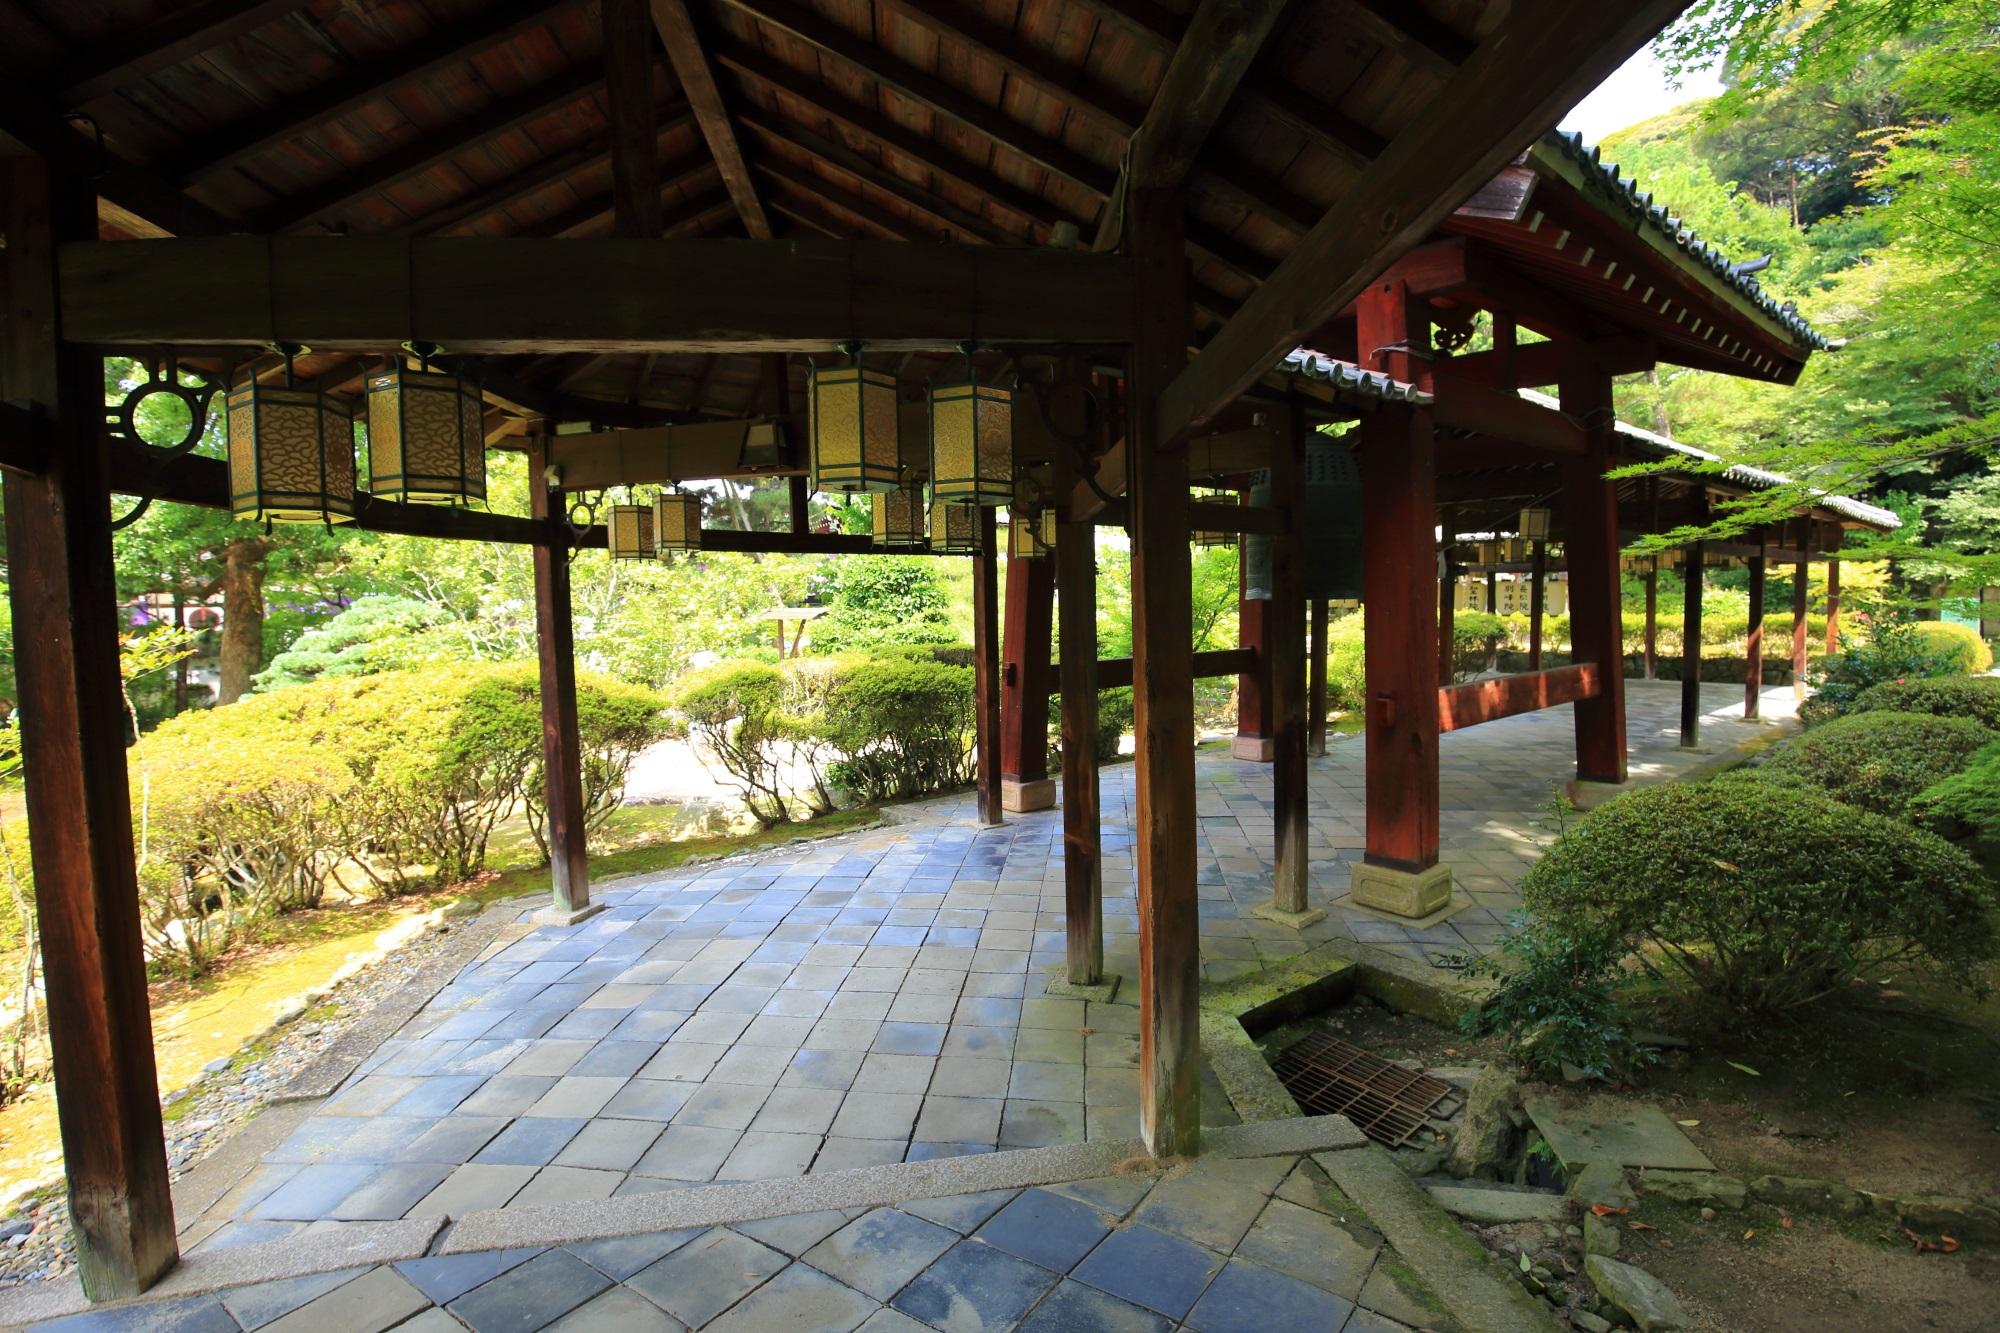 萬福寺の長い回廊を演出する吊り灯篭